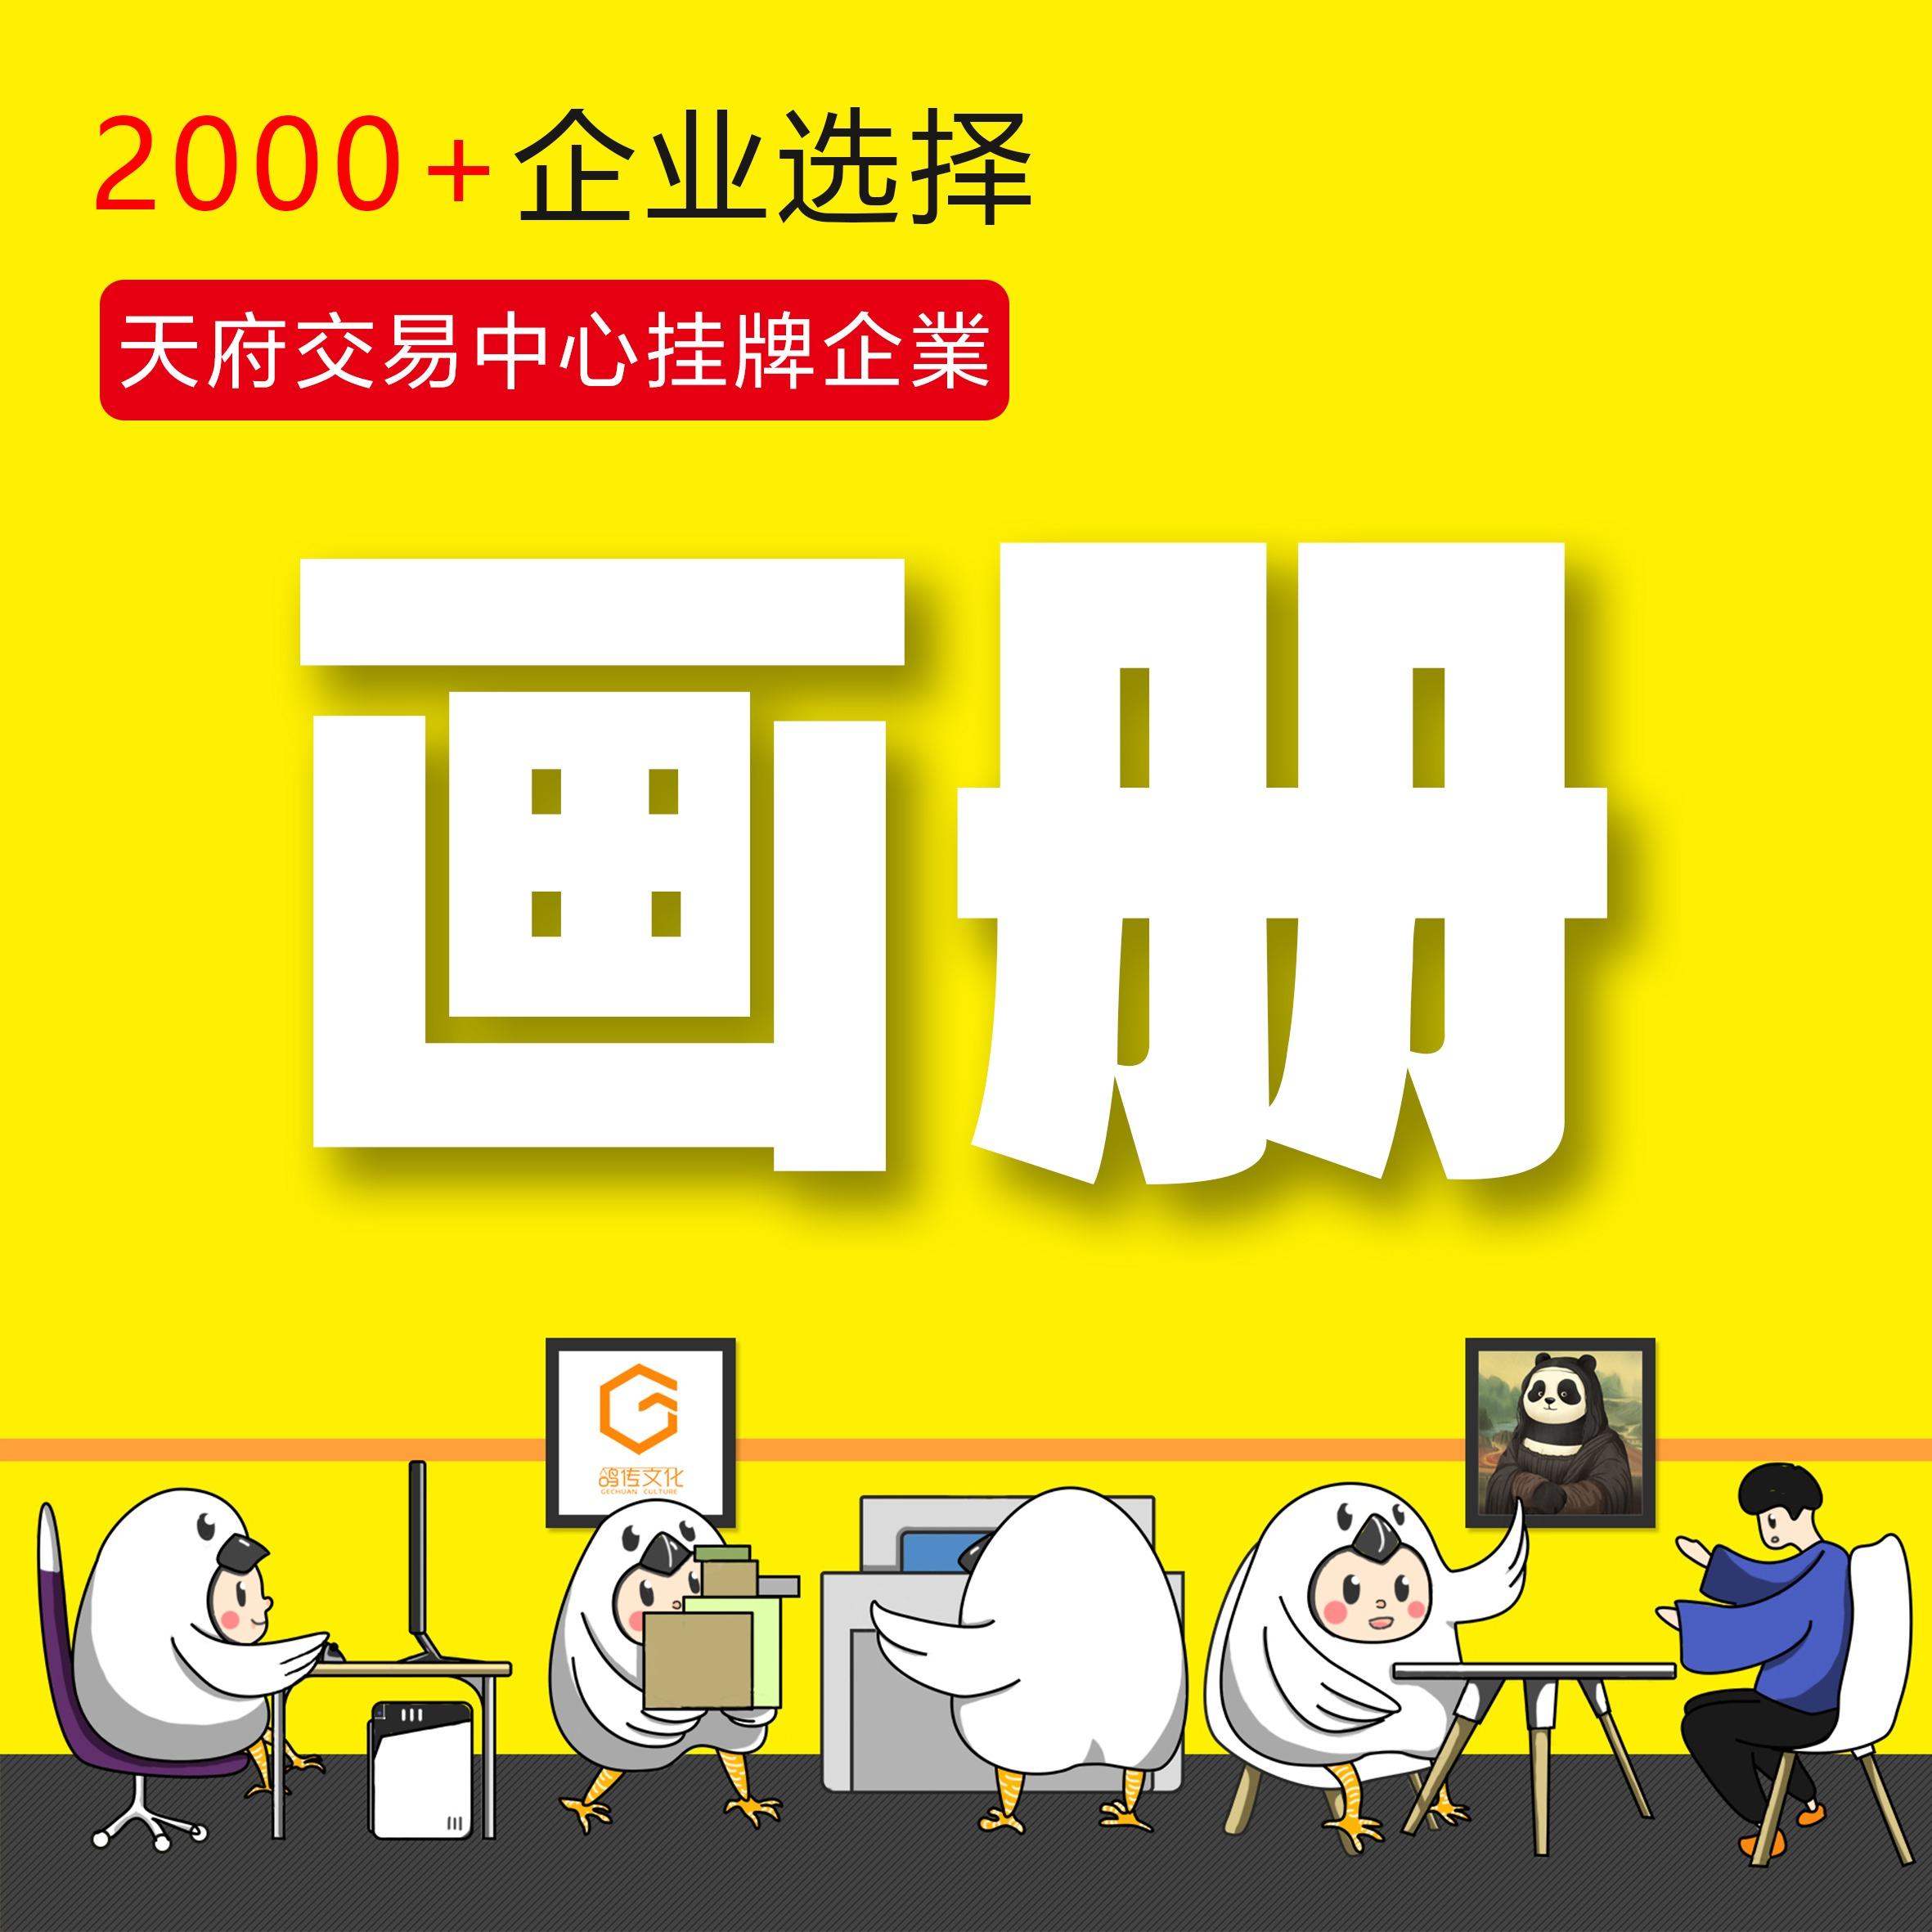 高端形象品牌画册设计企业产品宣传册排版企业内刊杂志手册三折页